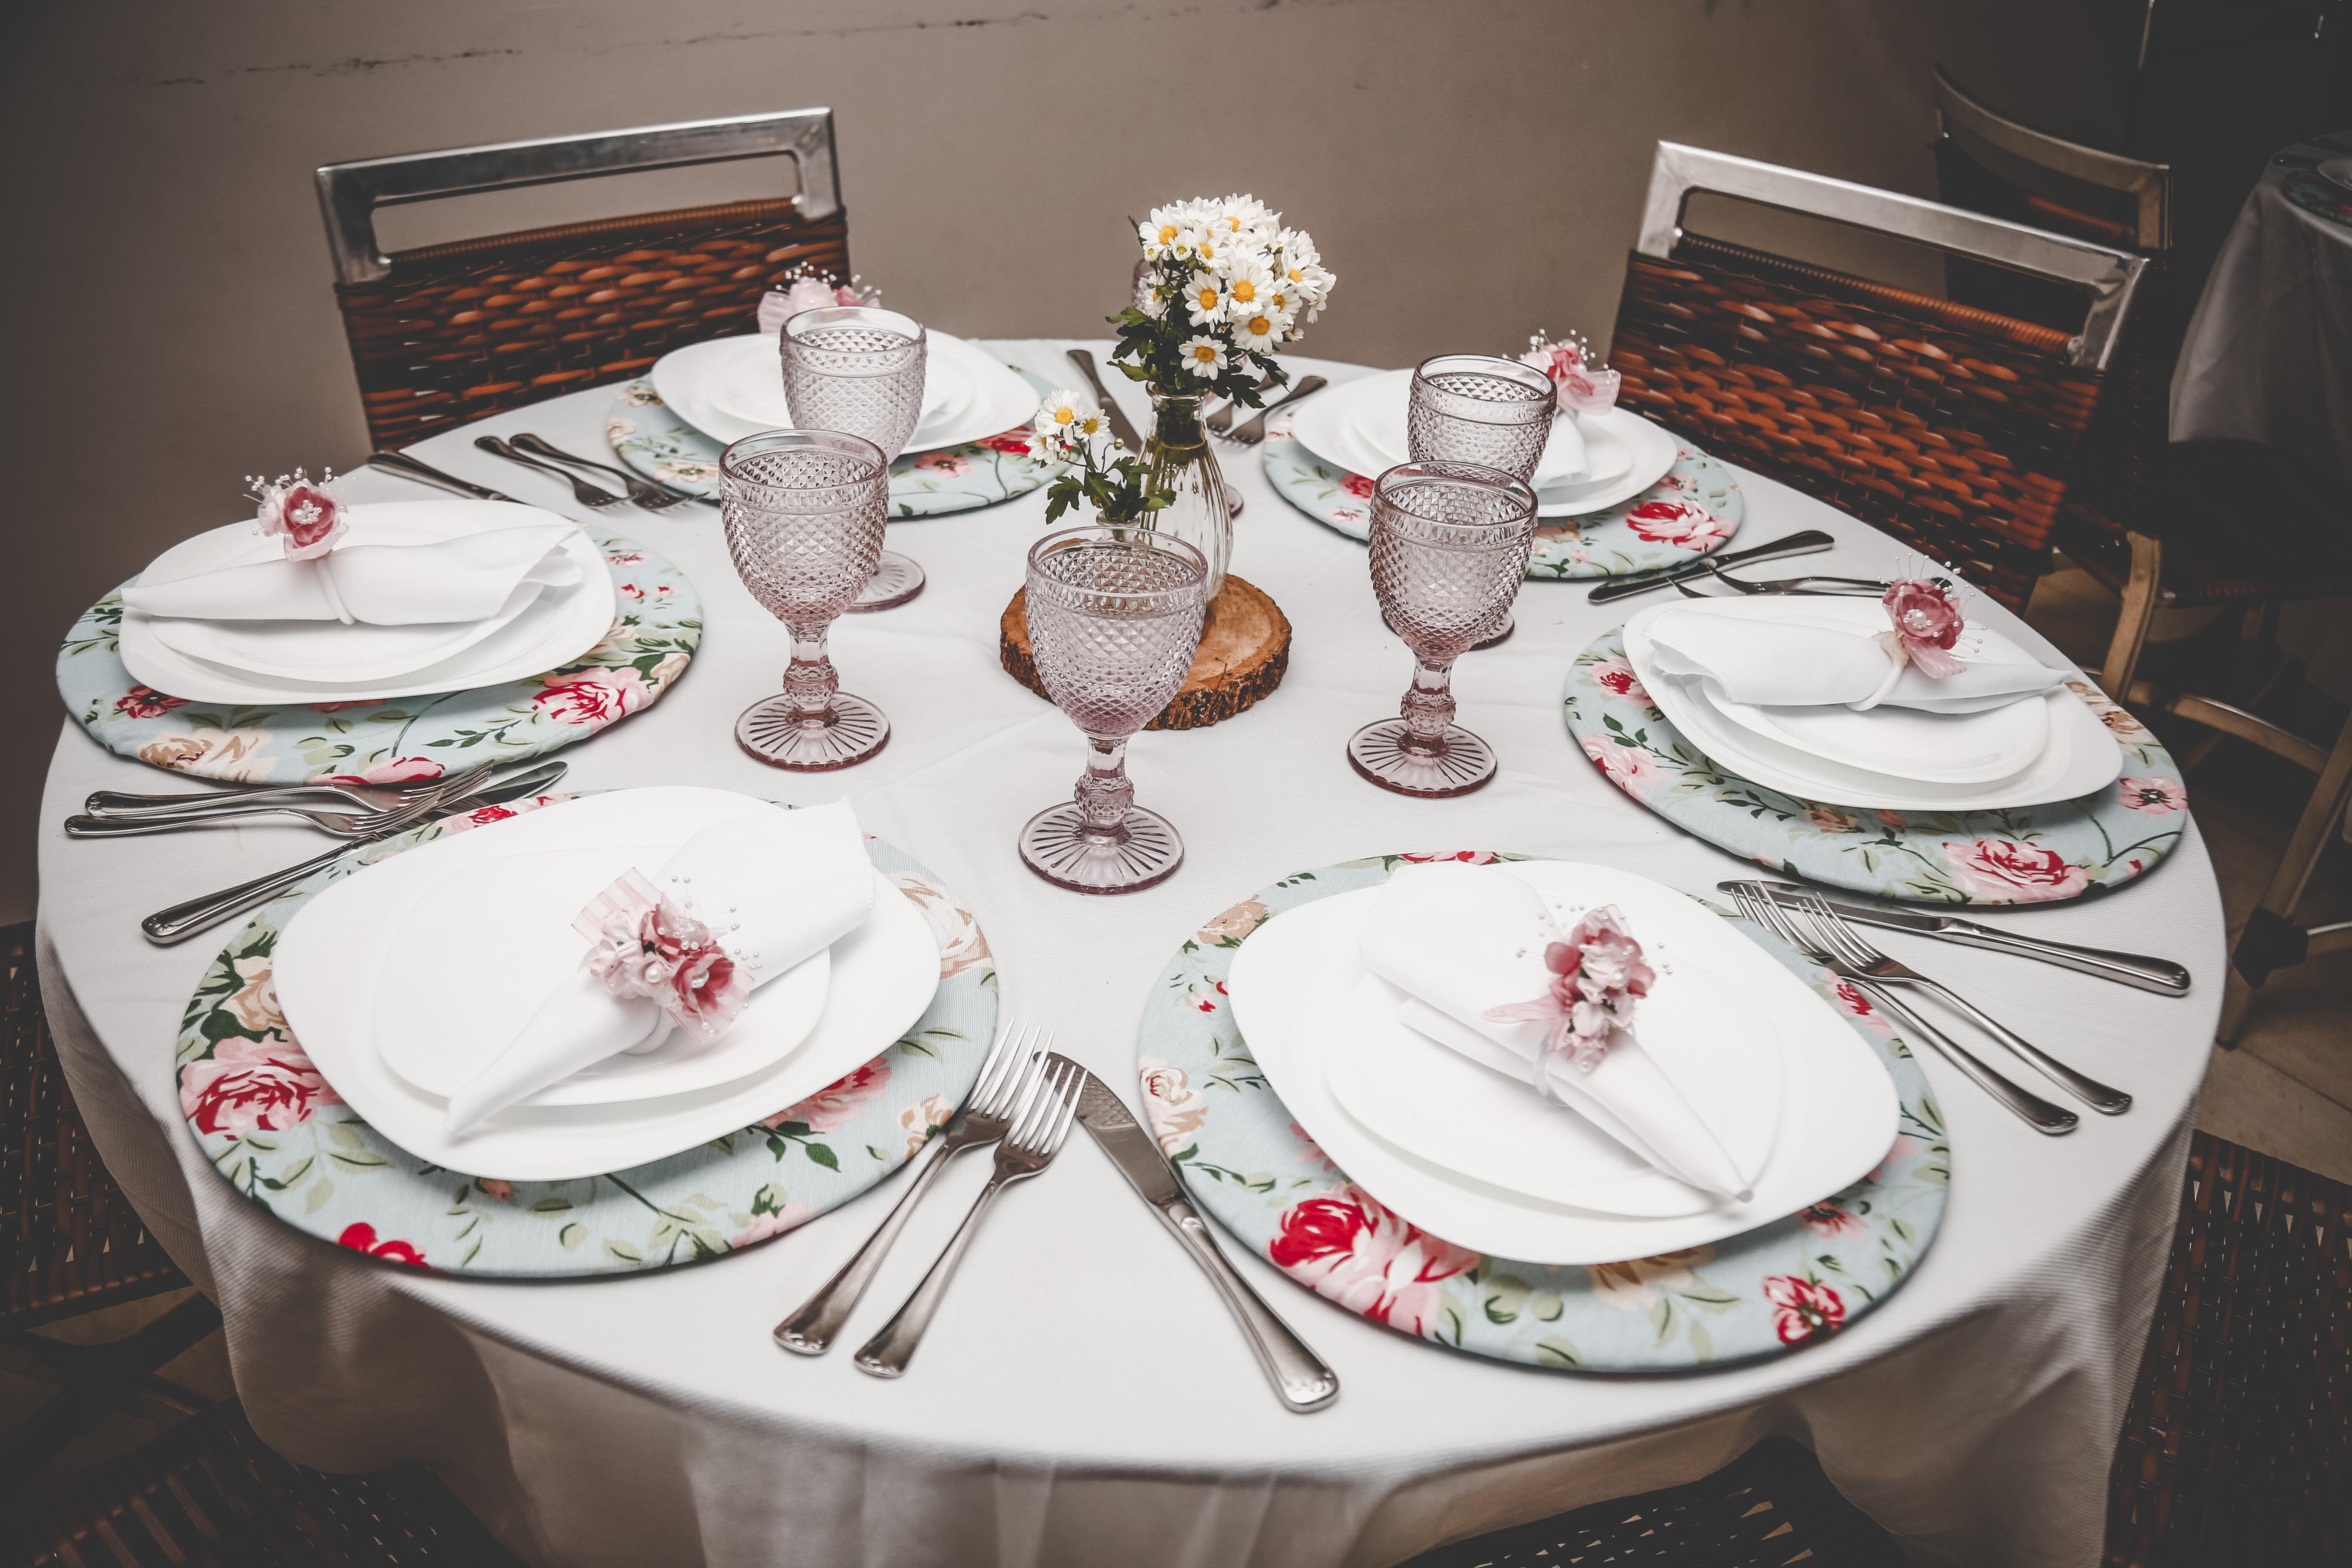 식탁, 식탁보, 은 제품, 접시류의 무료 스톡 사진